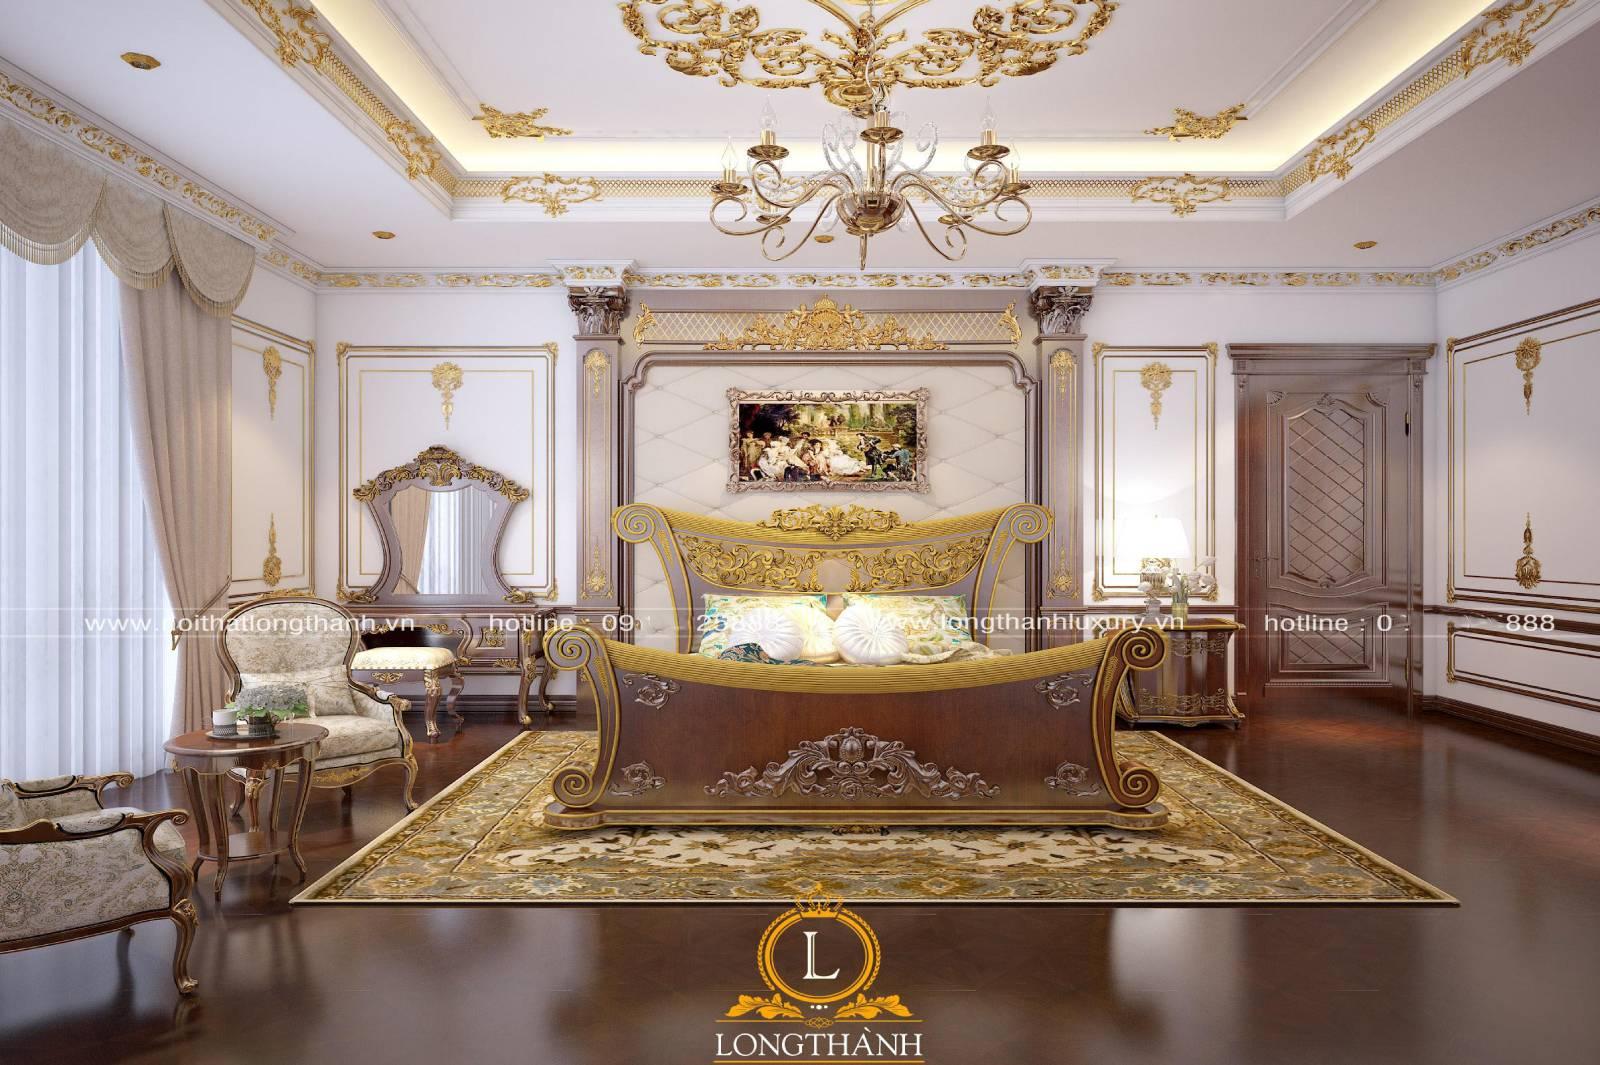 Thiết kế phòng ngủ sử dụng trần thạch cao sát vàng ở các chi tiết